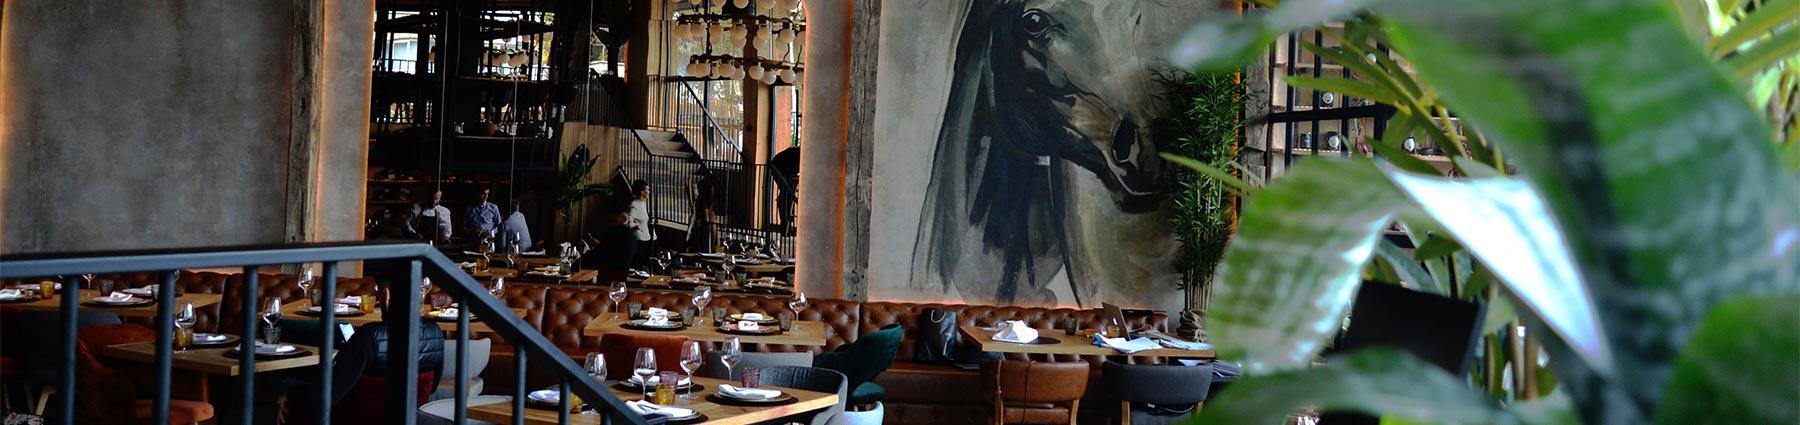 Restoran Dzumbus